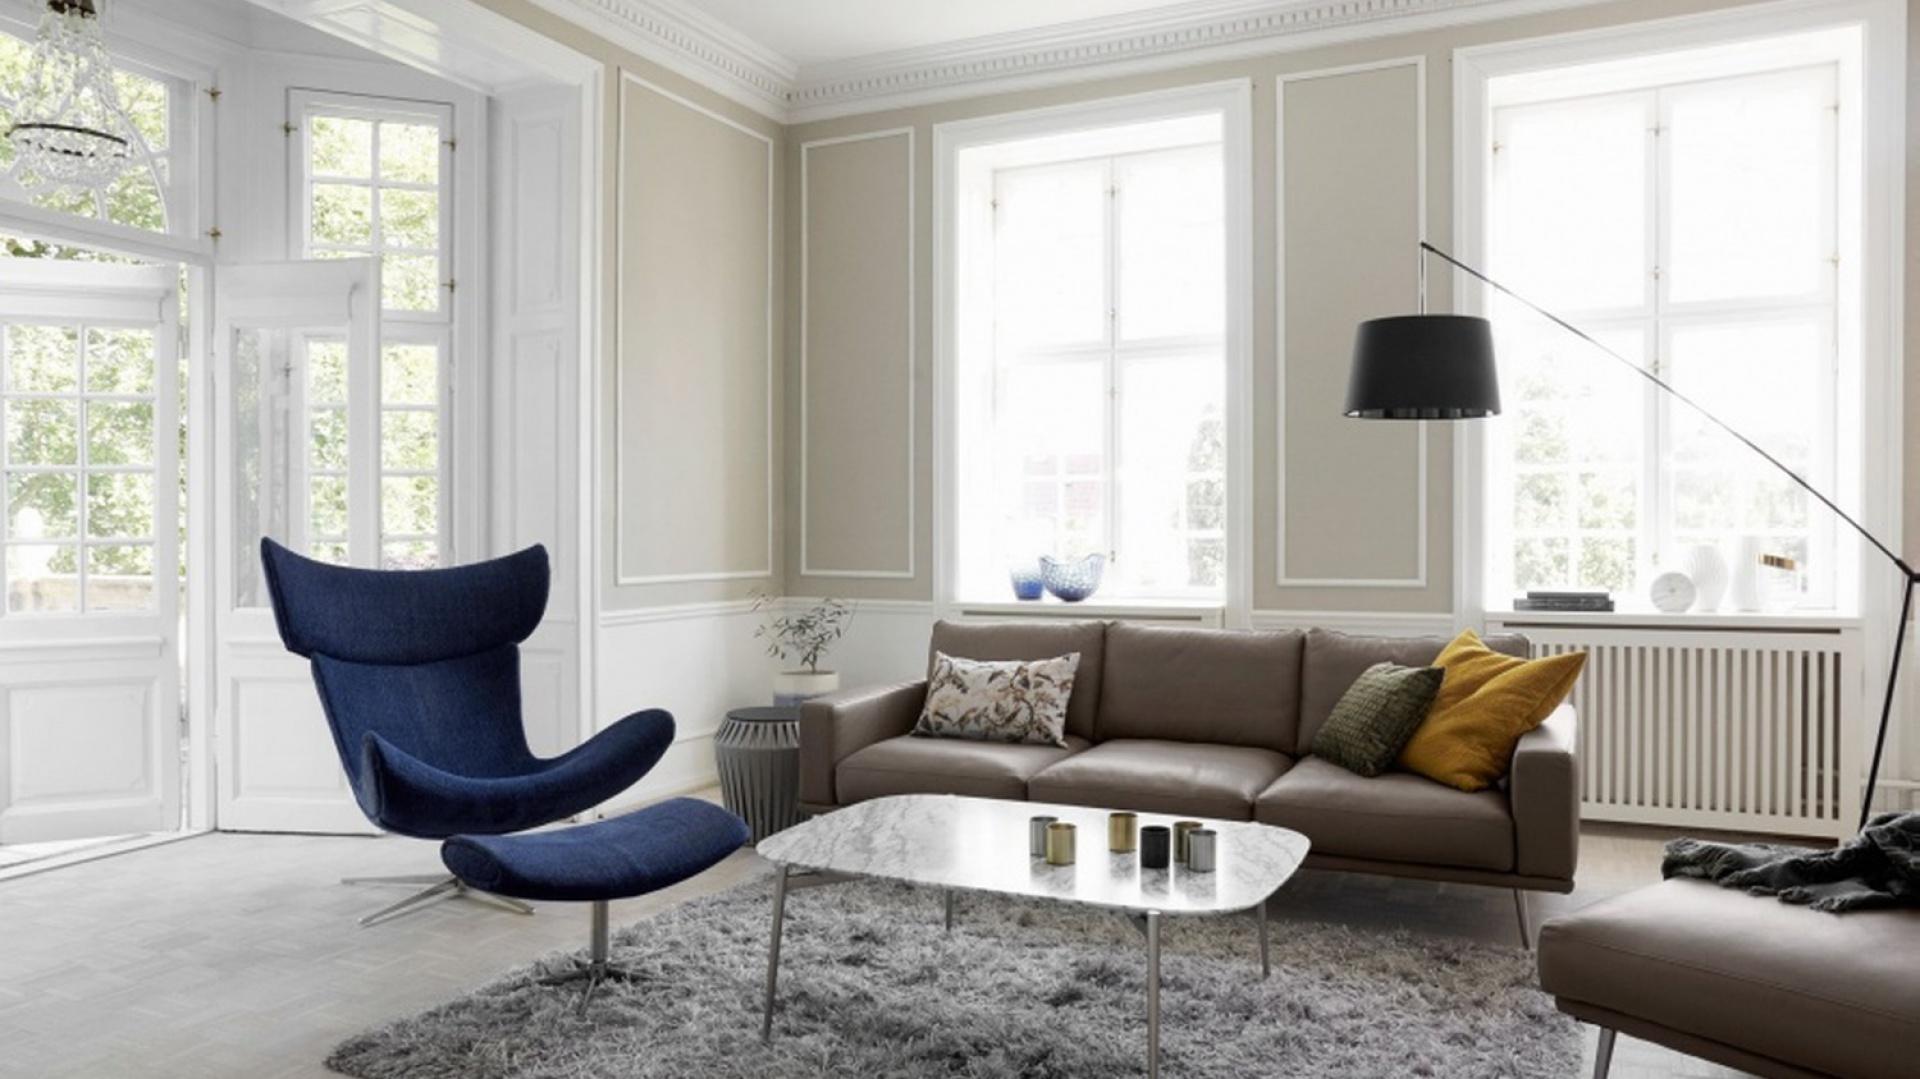 Fotel IMOLA dostępny jest w tkaninie oraz w skórze. Od 5.559 zł. Fot. BoConcept